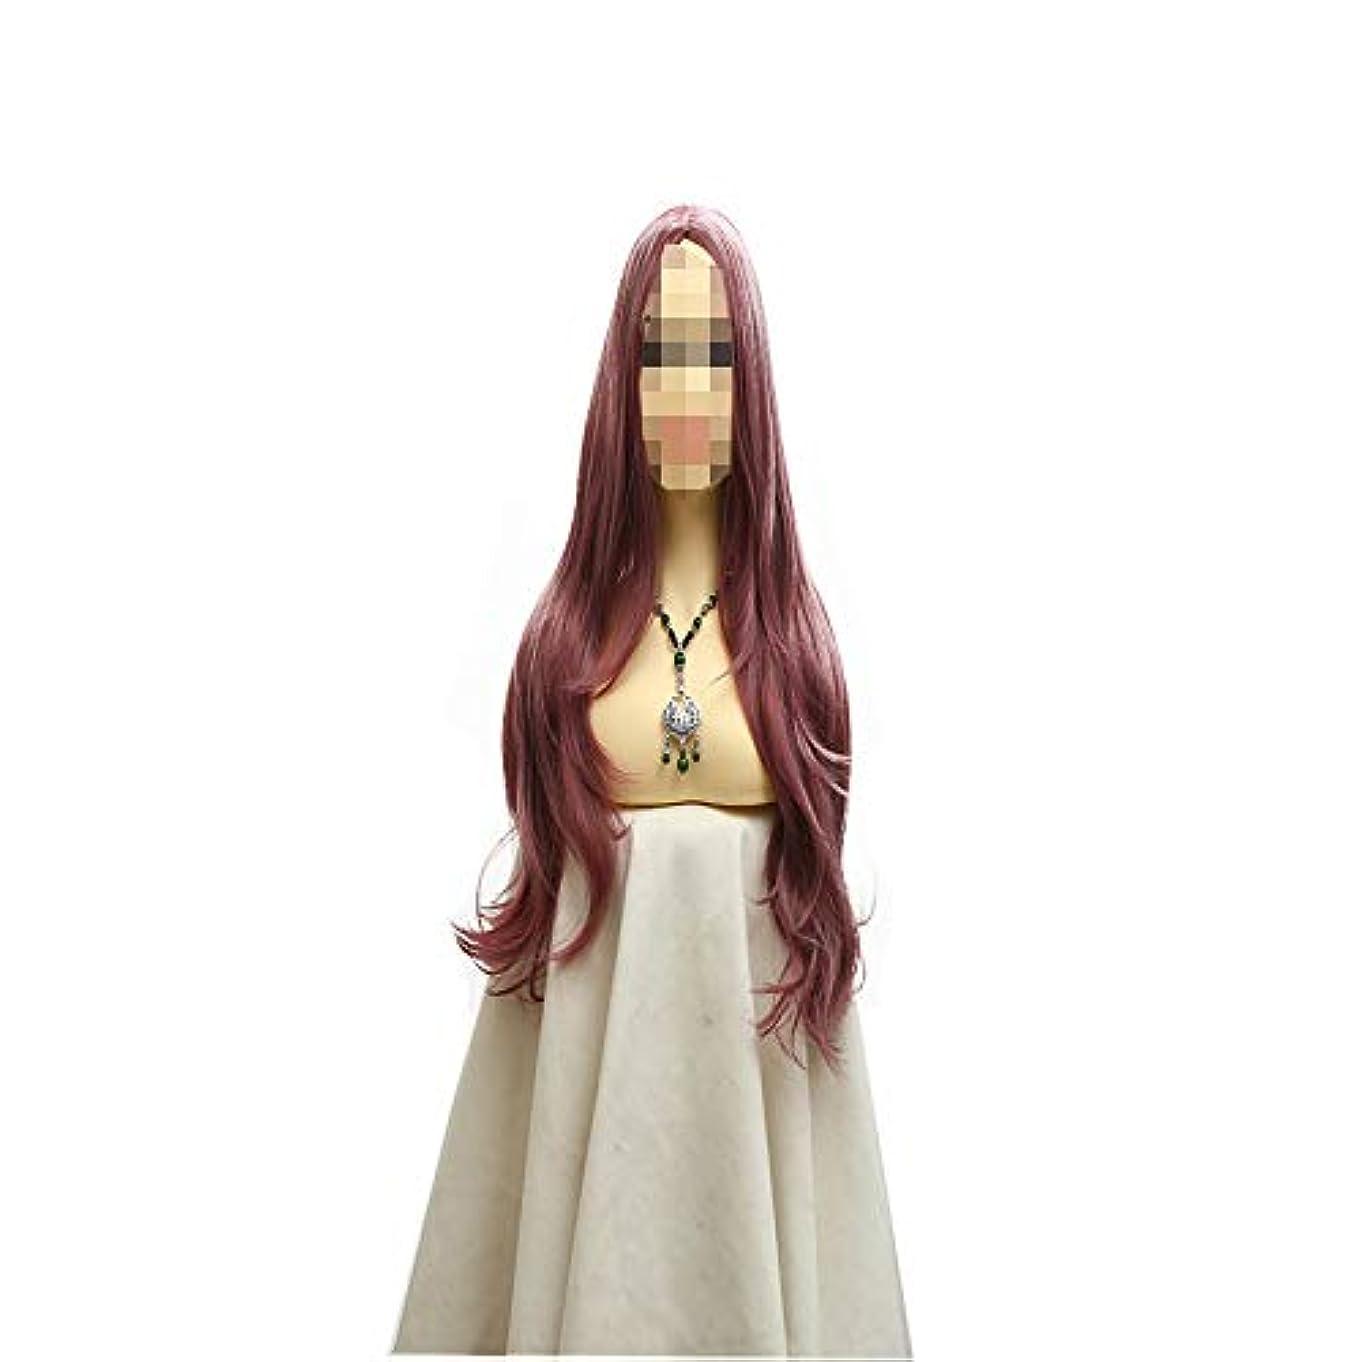 不正征服する真鍮かつら/ファッションナチュラルフルロングカール/セクシーレディーフルウィッグ/コスプレパーティーウィッグ